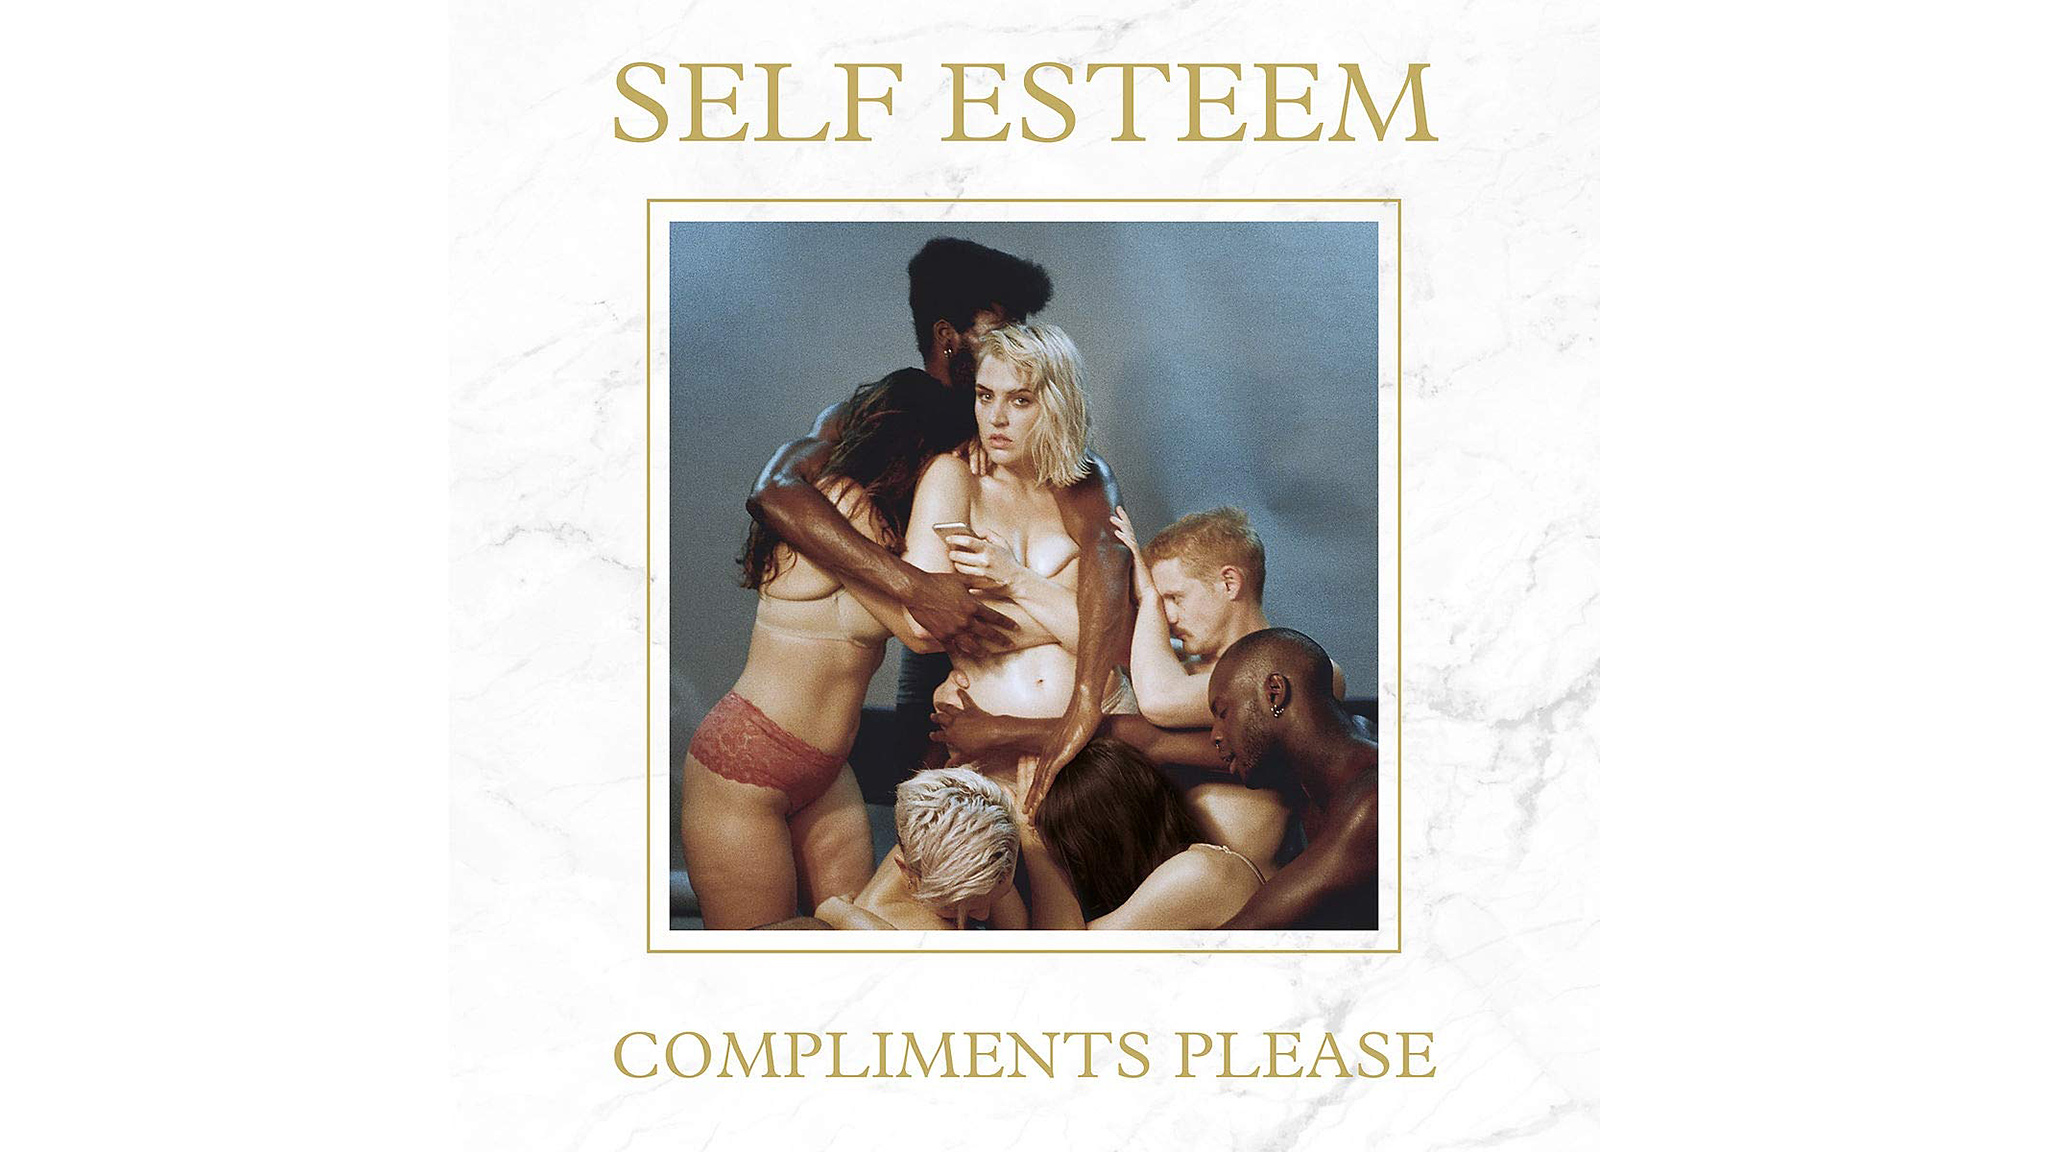 Self Esteem Compliments Please Lithe Electro Pop Financial Times